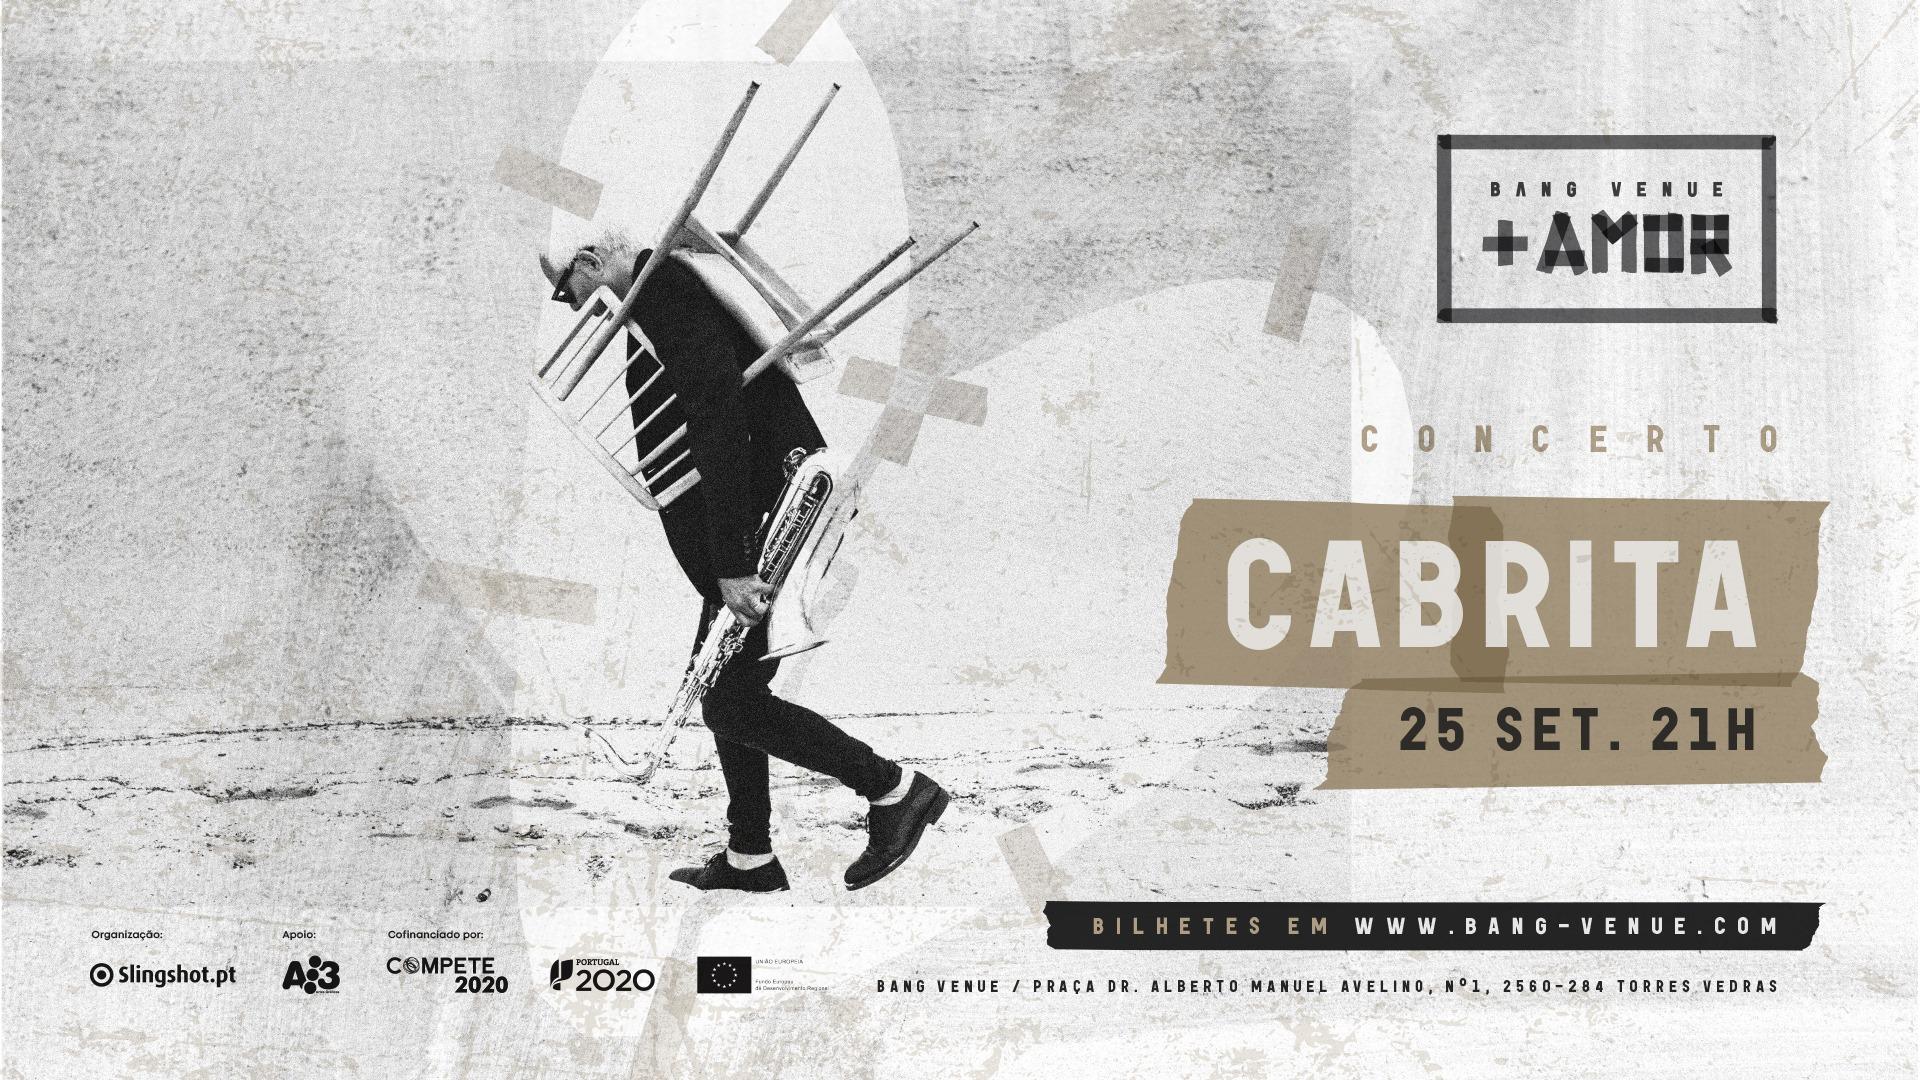 Concerto Cabrita | Bang Venue